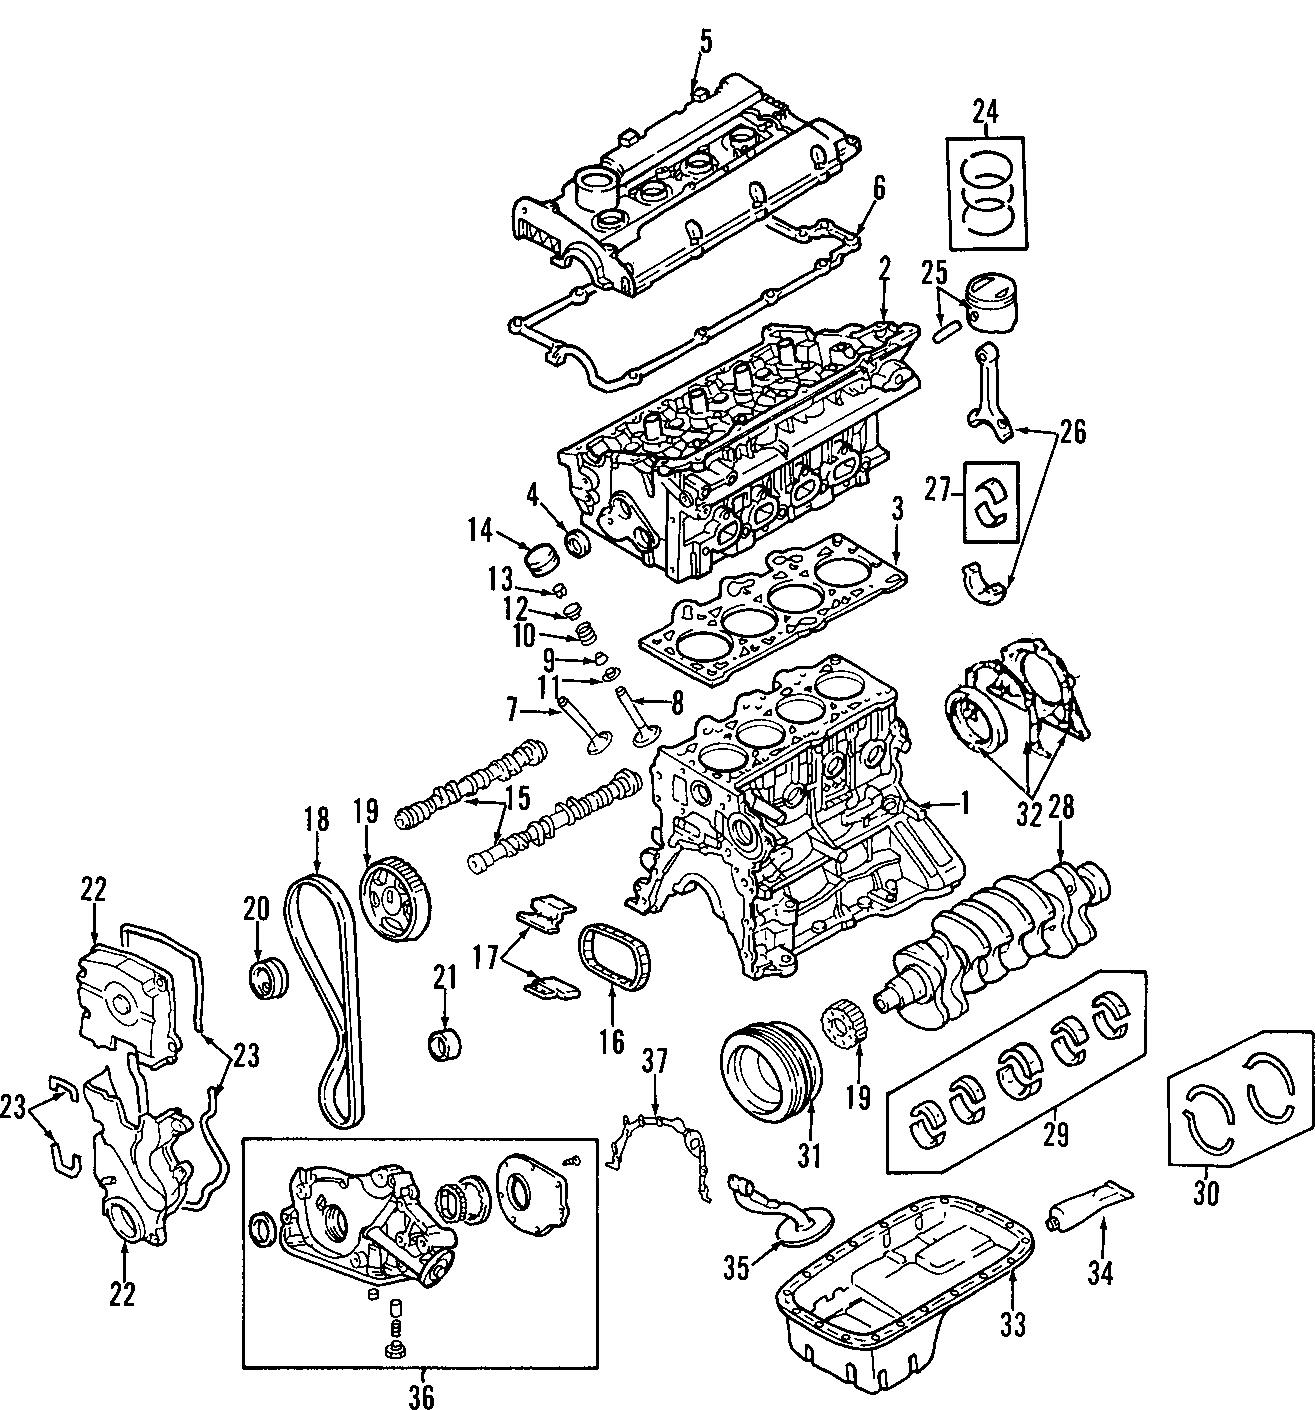 202c226p02r